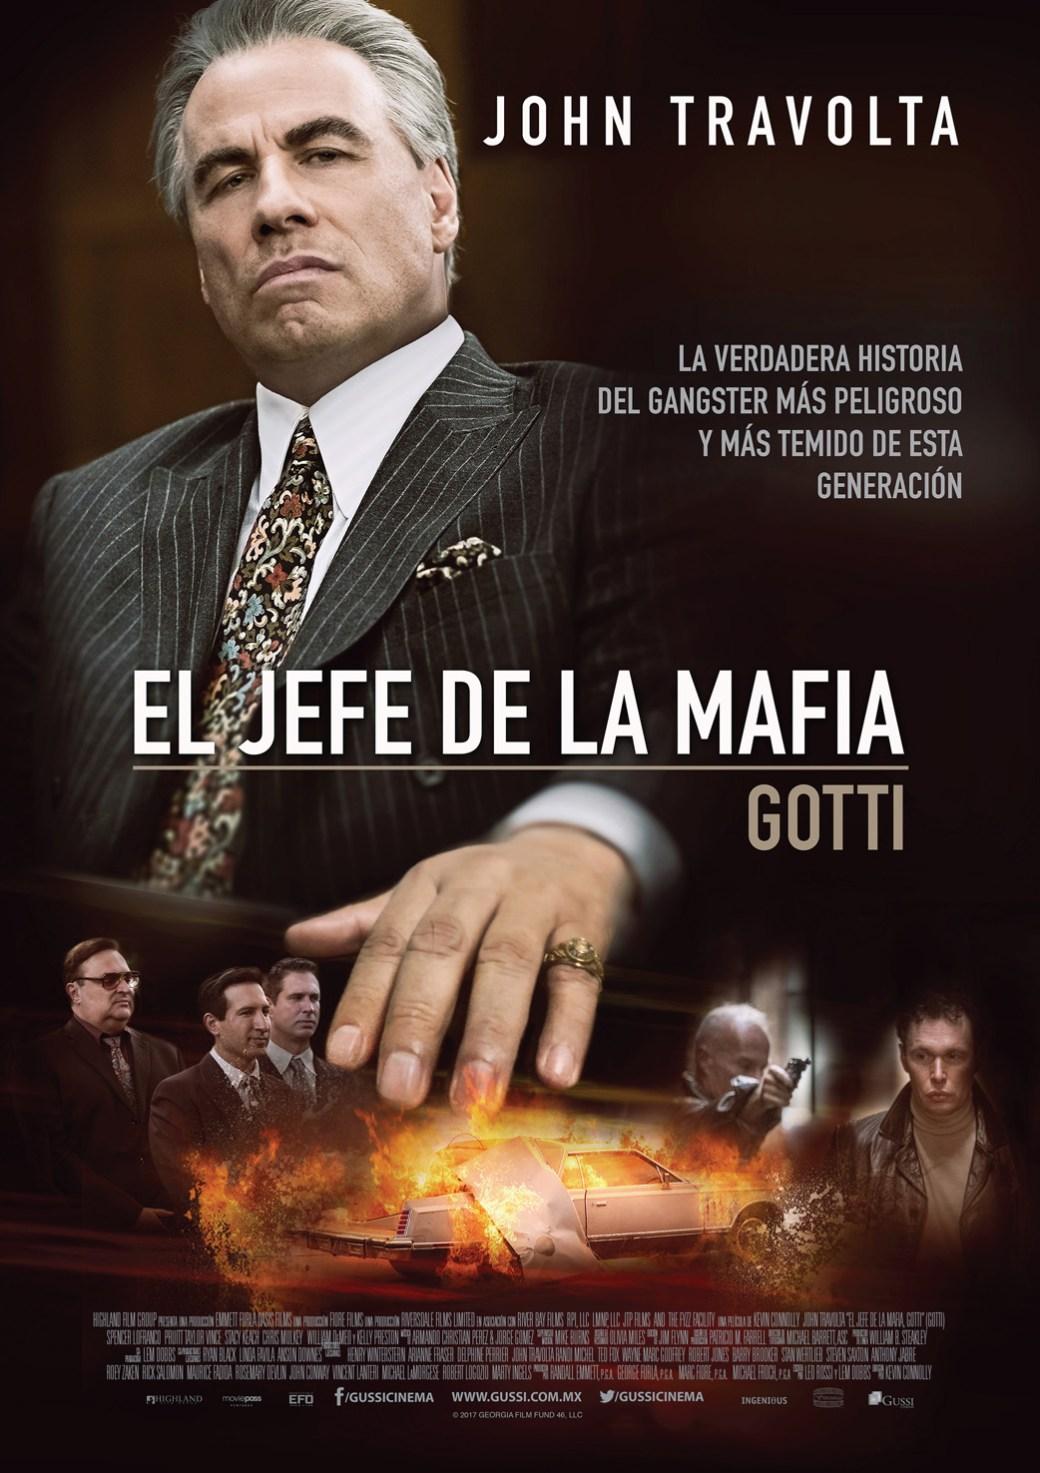 EL JEFE DE LA MAFIA: GOTTI[2018] [1080p BRrip] [Latino-Inglés] [GoogleDrive]